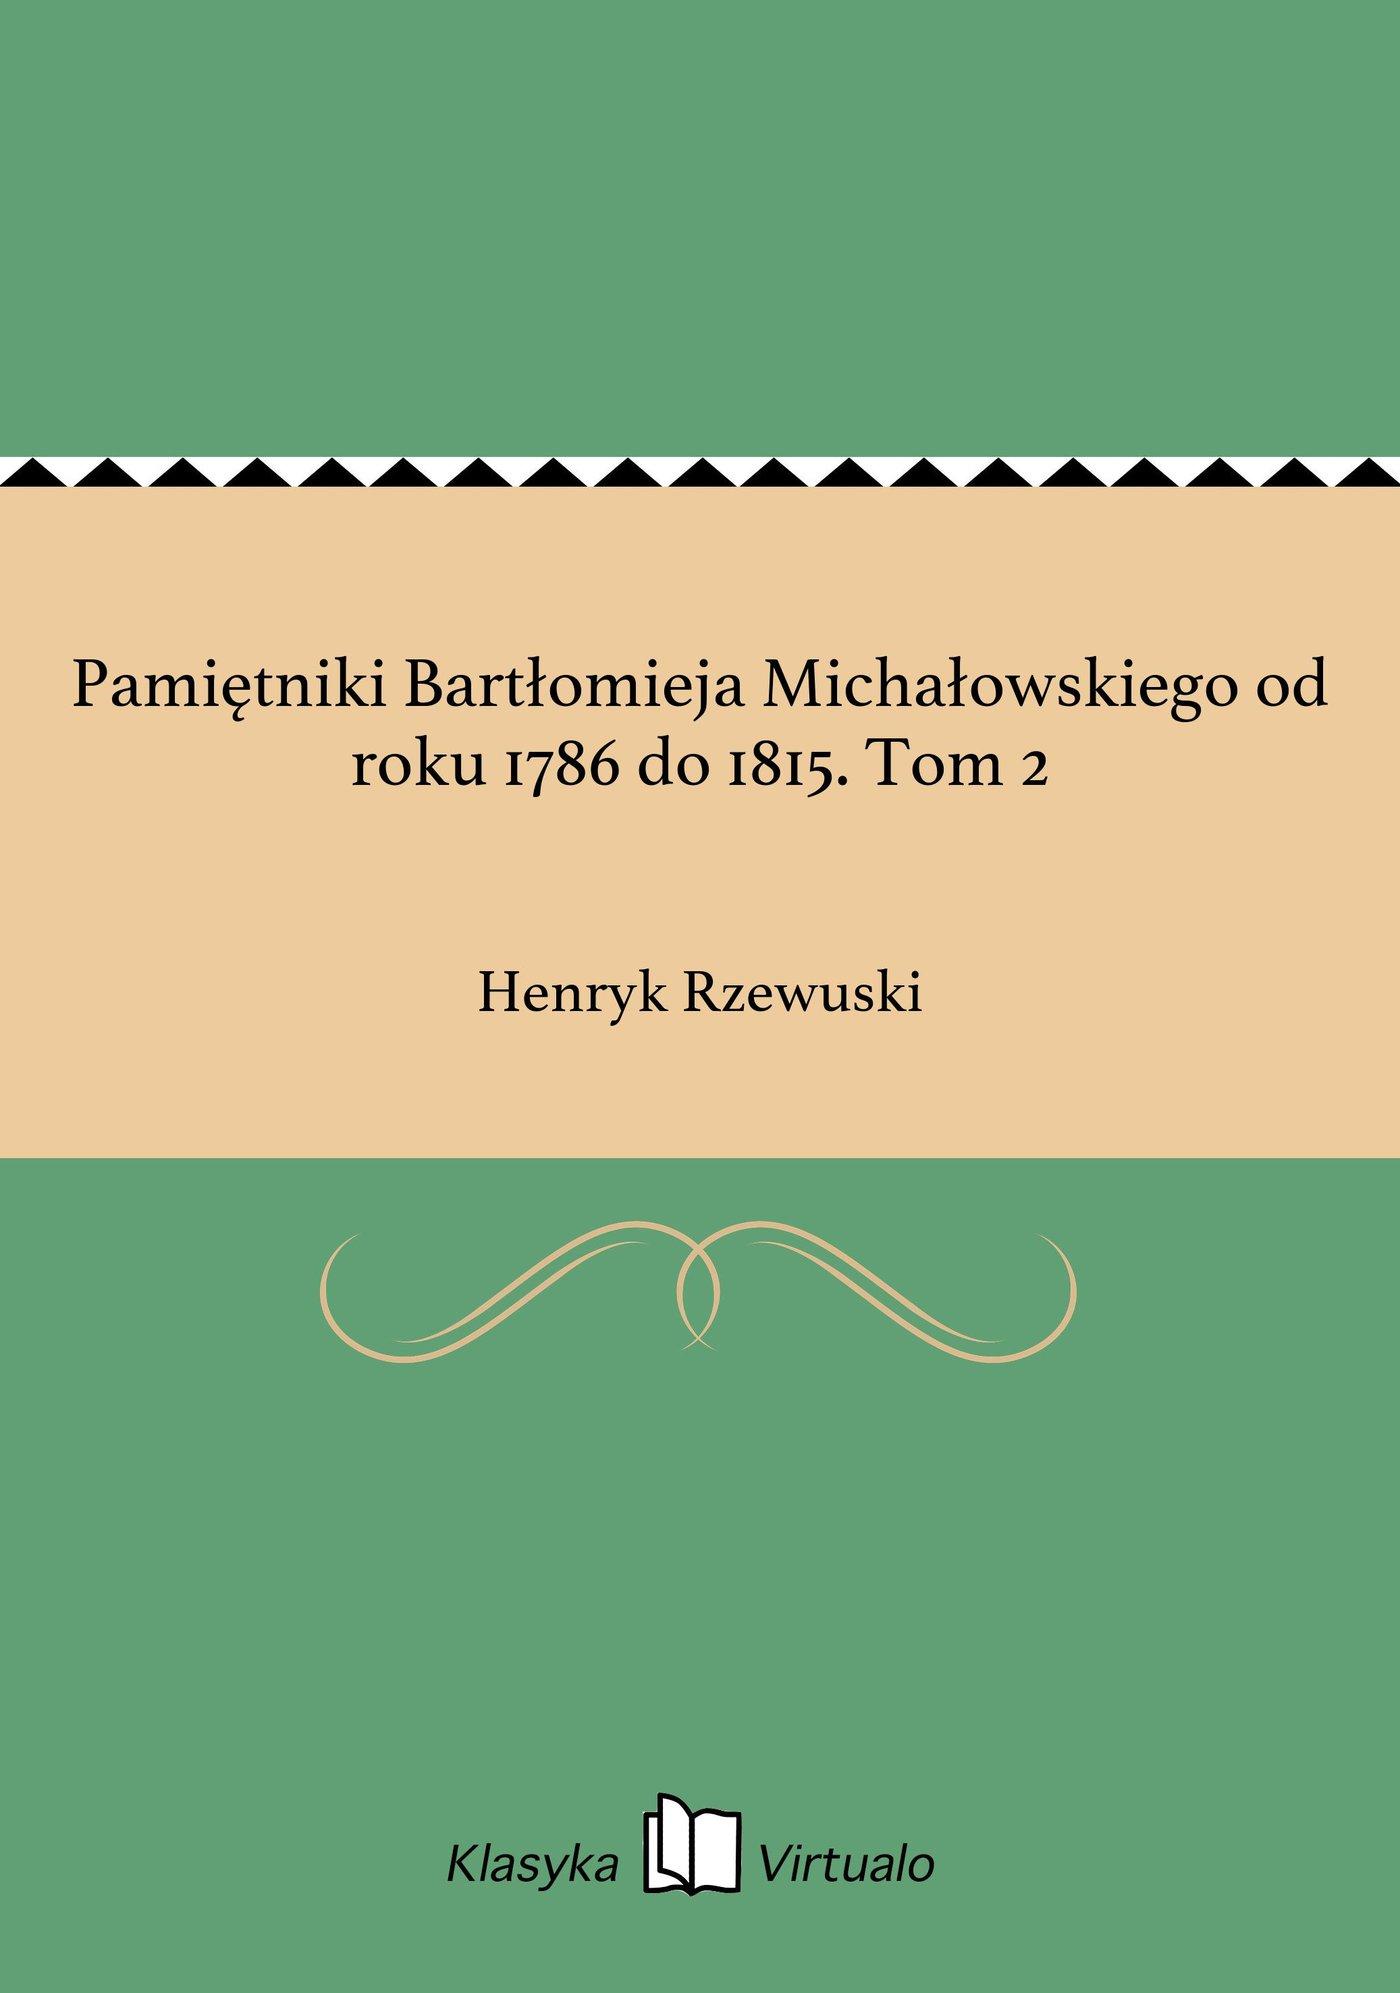 Pamiętniki Bartłomieja Michałowskiego od roku 1786 do 1815. Tom 2 - Ebook (Książka na Kindle) do pobrania w formacie MOBI